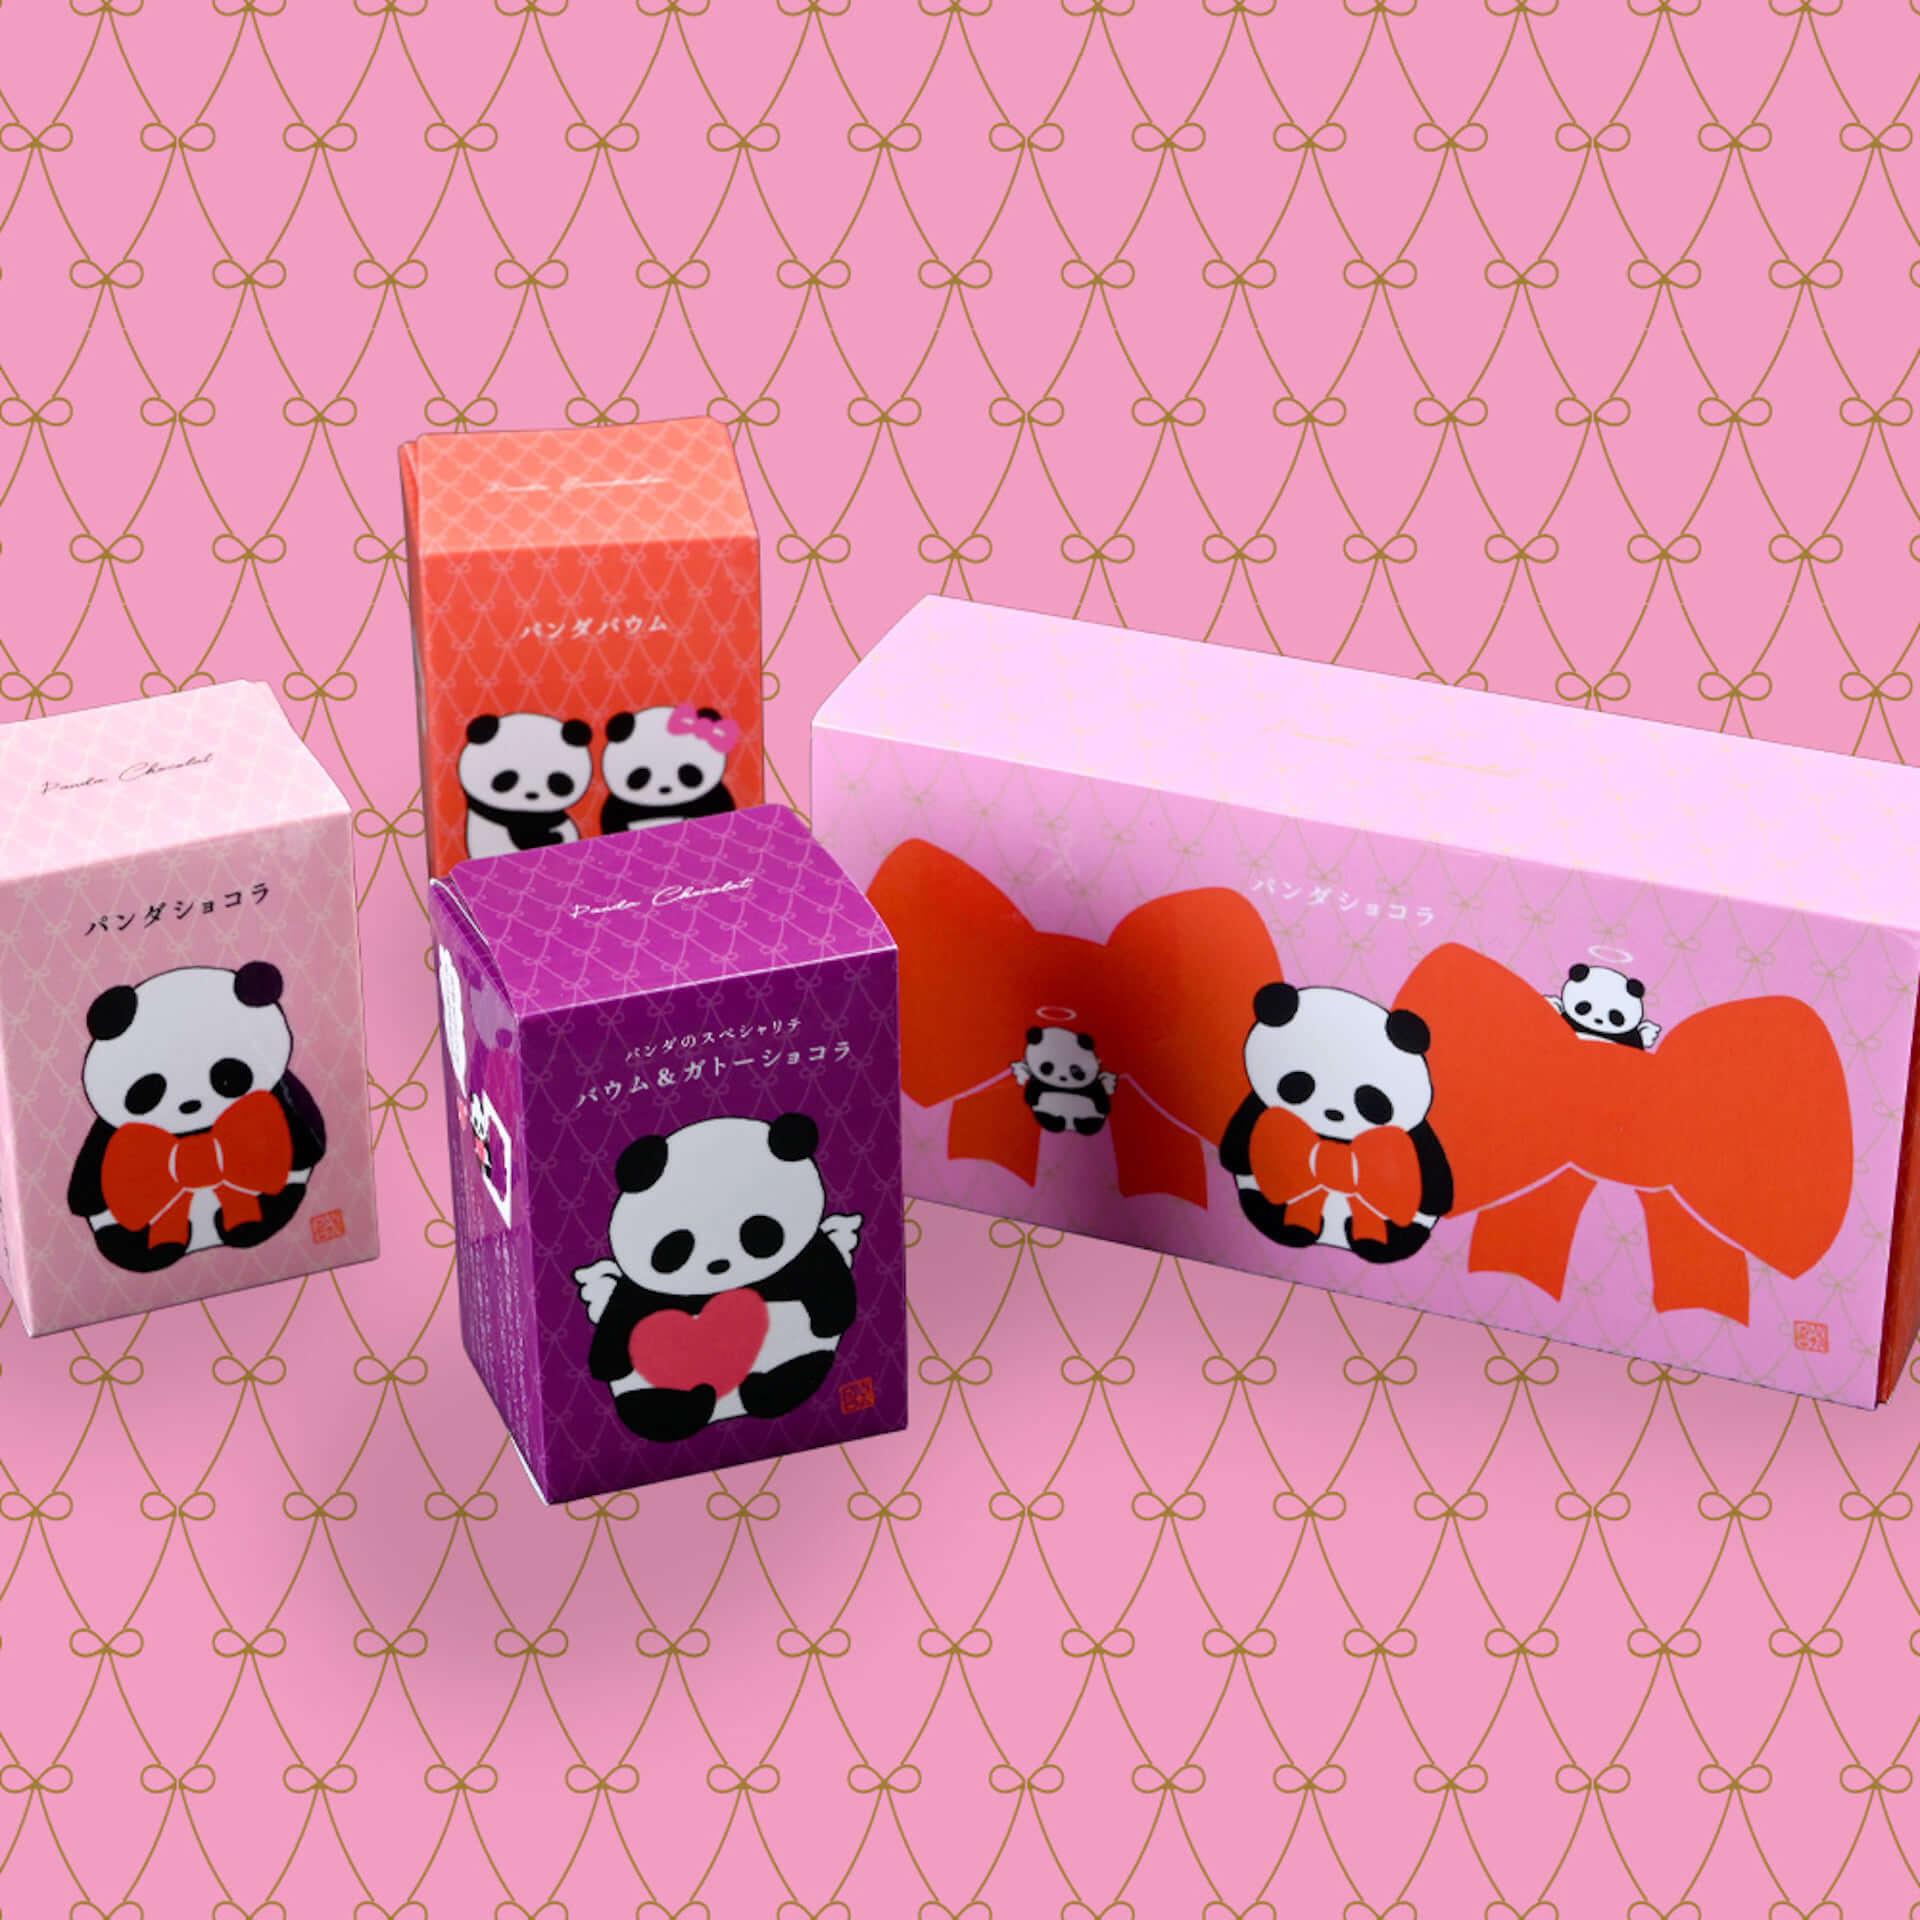 型ぬきができるバウムクーヘン『パンダバウム』にバレンタイン限定デザインが登場!ガトーショコラやココアバウムなど全3種が発売 gourmet210121_katanuki-ya_2-1920x1920